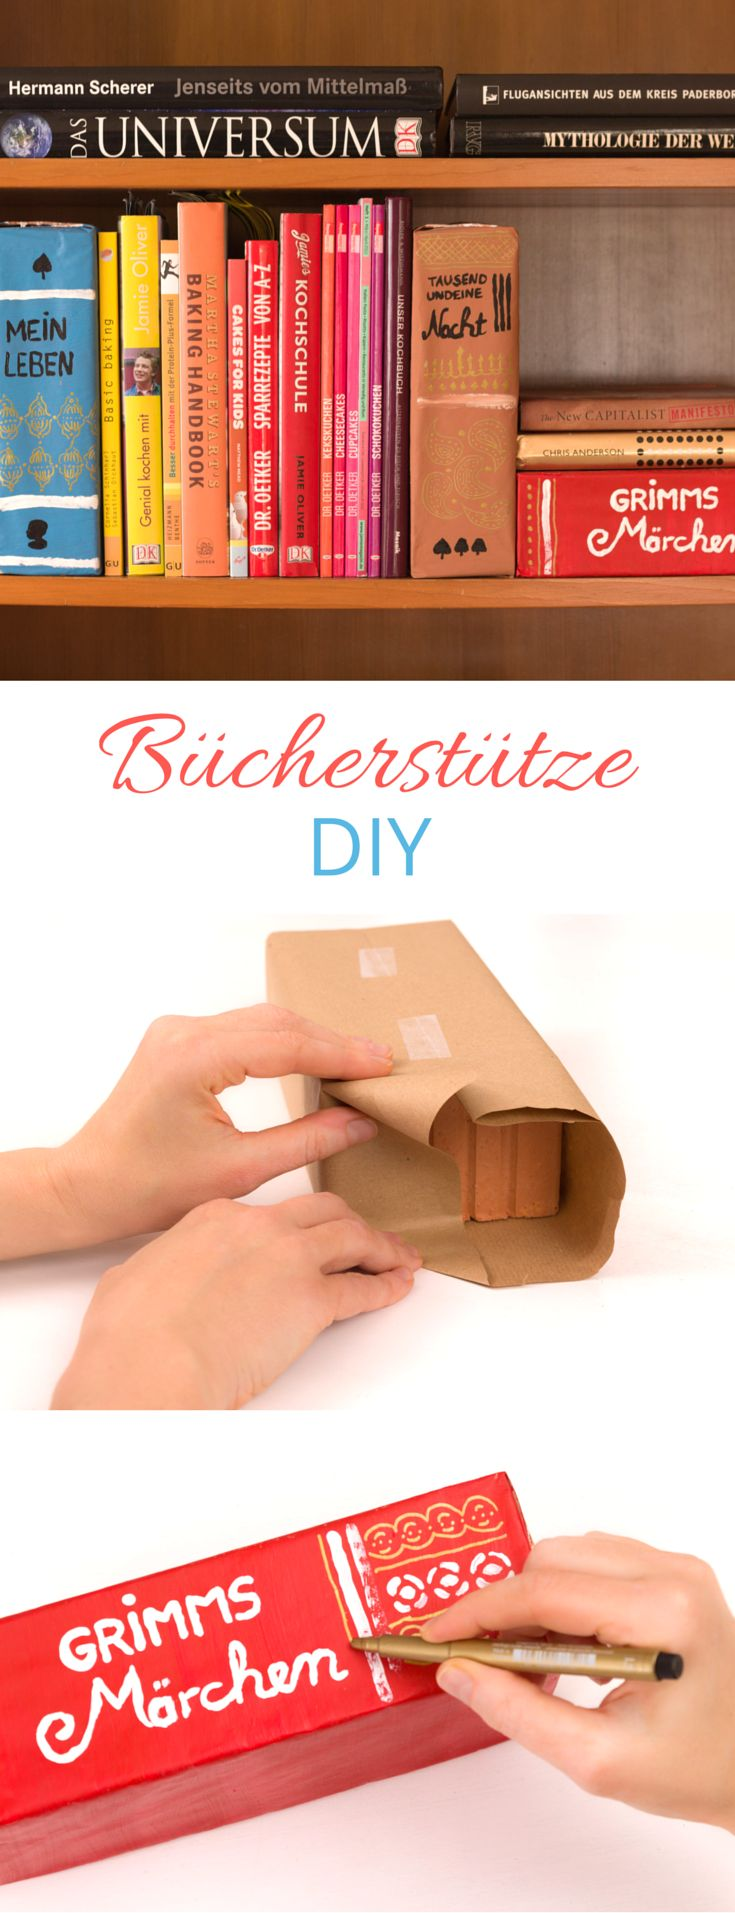 DIY Buchregal organisieren und verschönern - Buchstütze ganz einfach selber aus Ziegelsteinen ❤︎